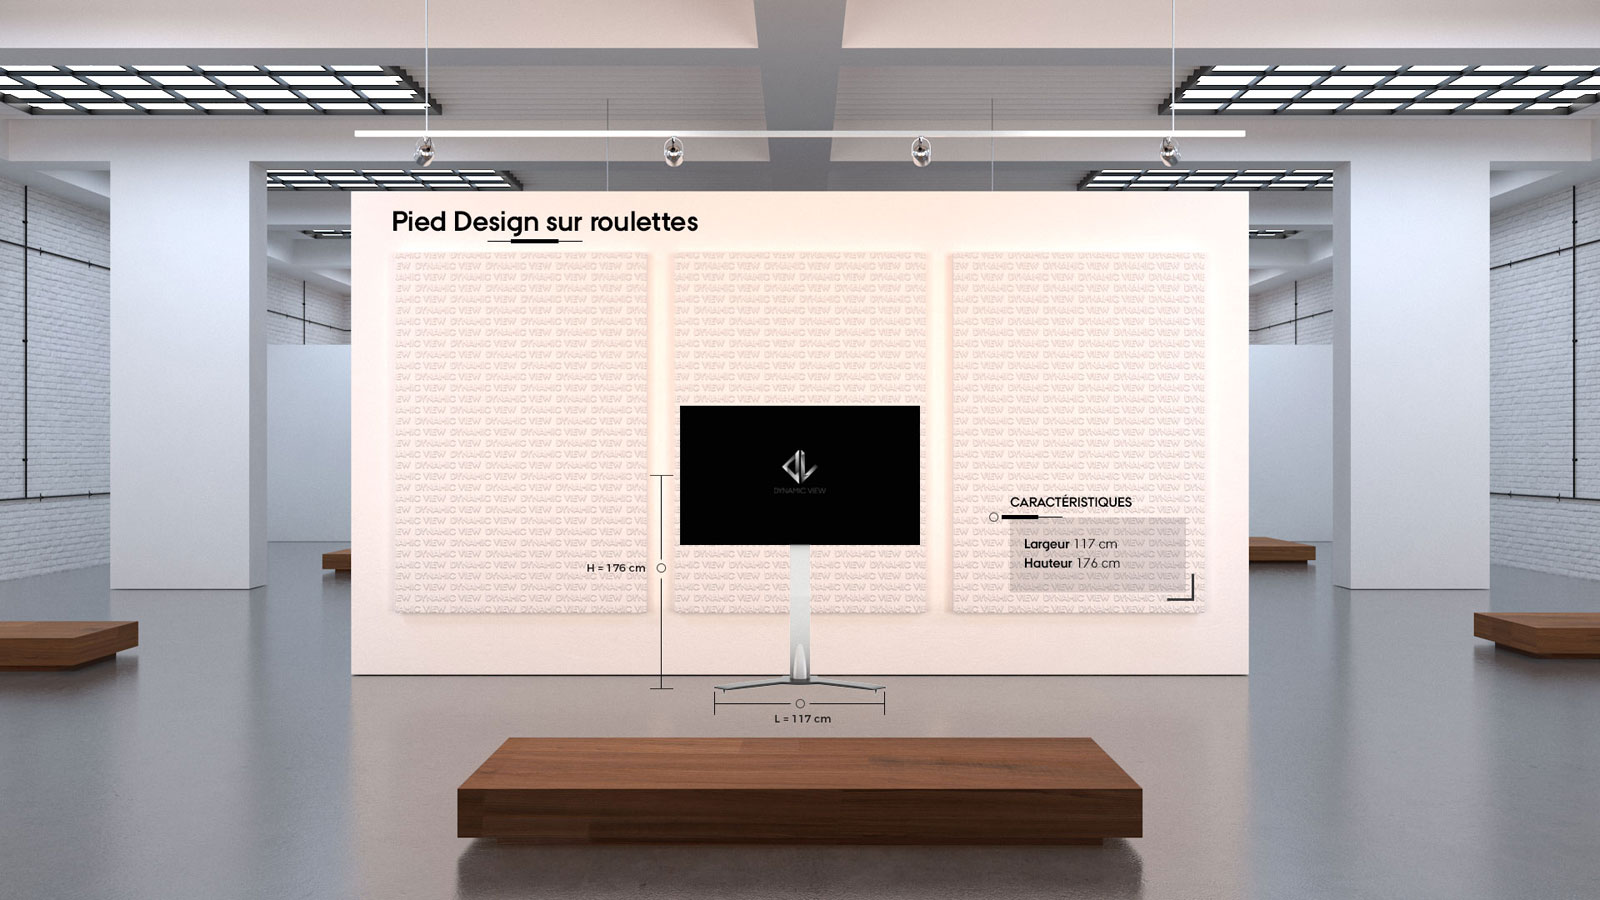 47 Pied Design sur roulettes